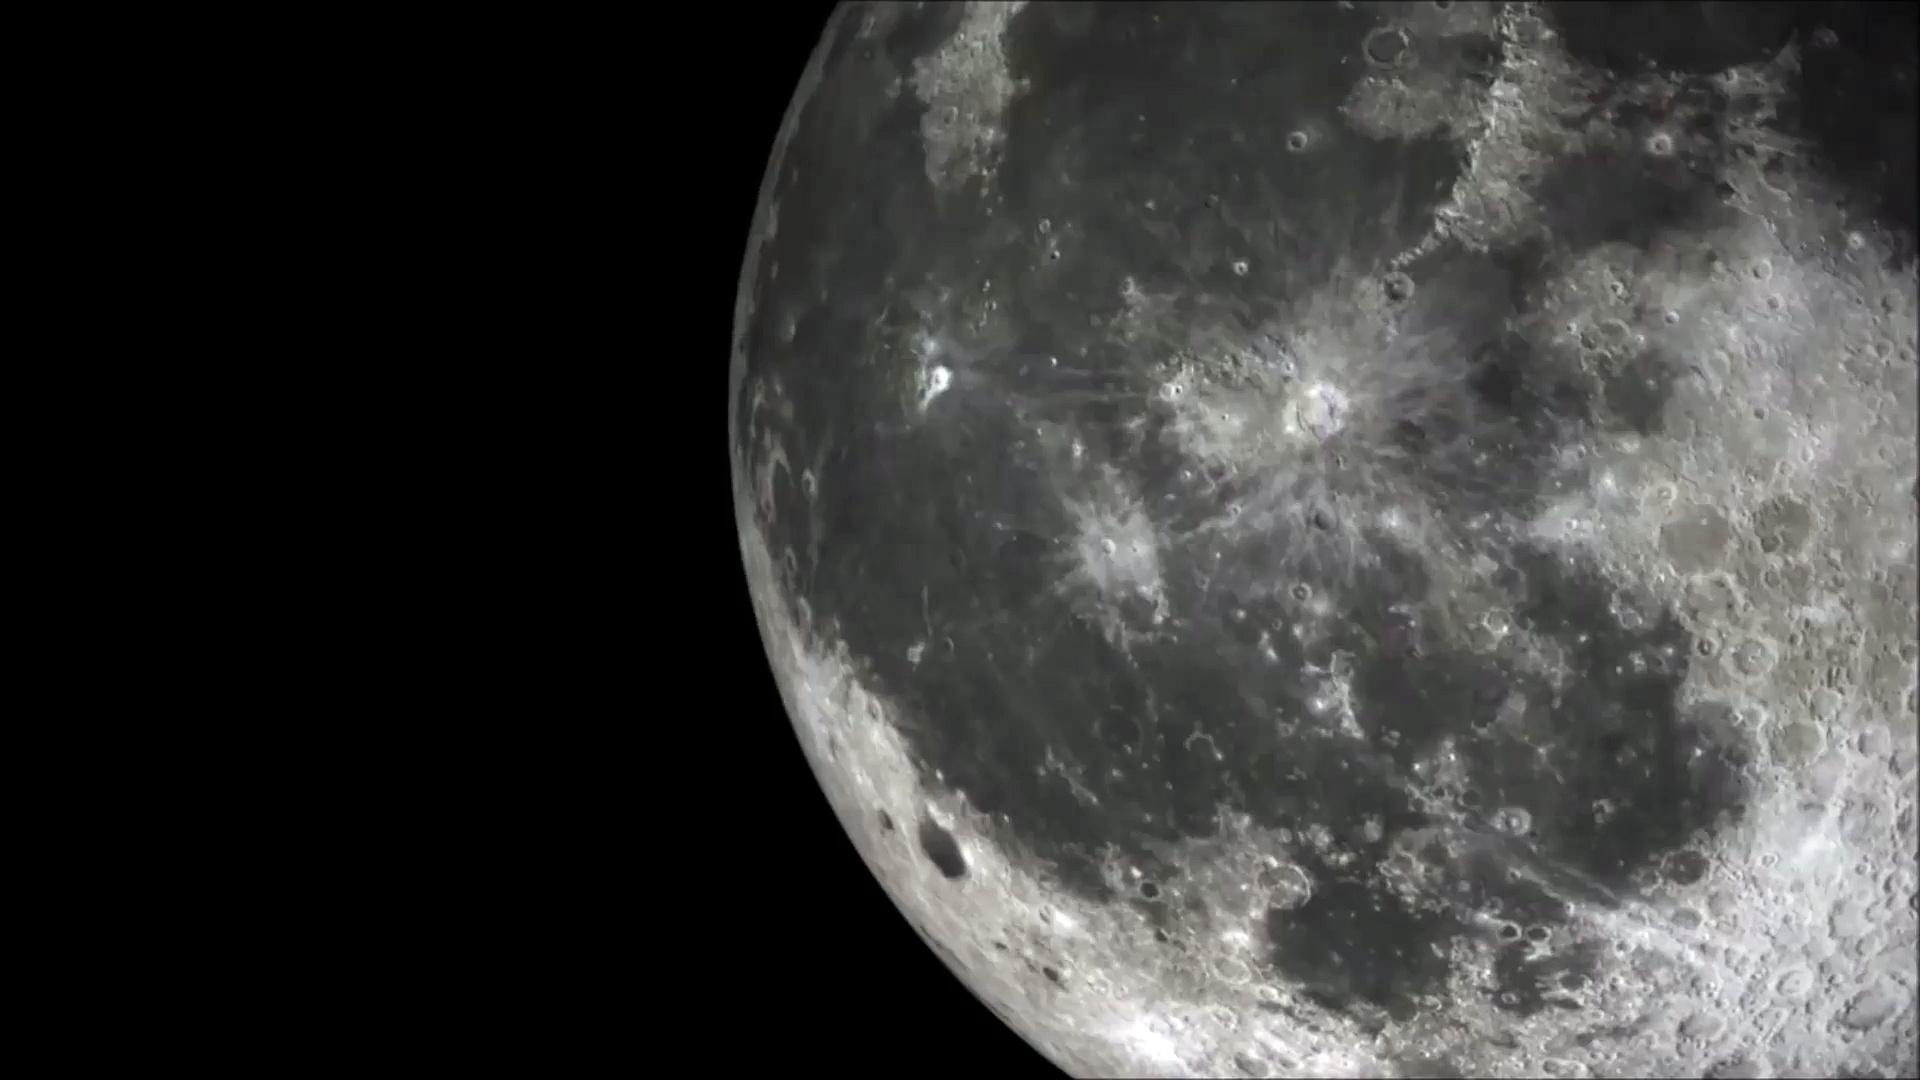 OVNI que sale de la luna en enero de 2018 filmado por un investigador de su telescopio en México